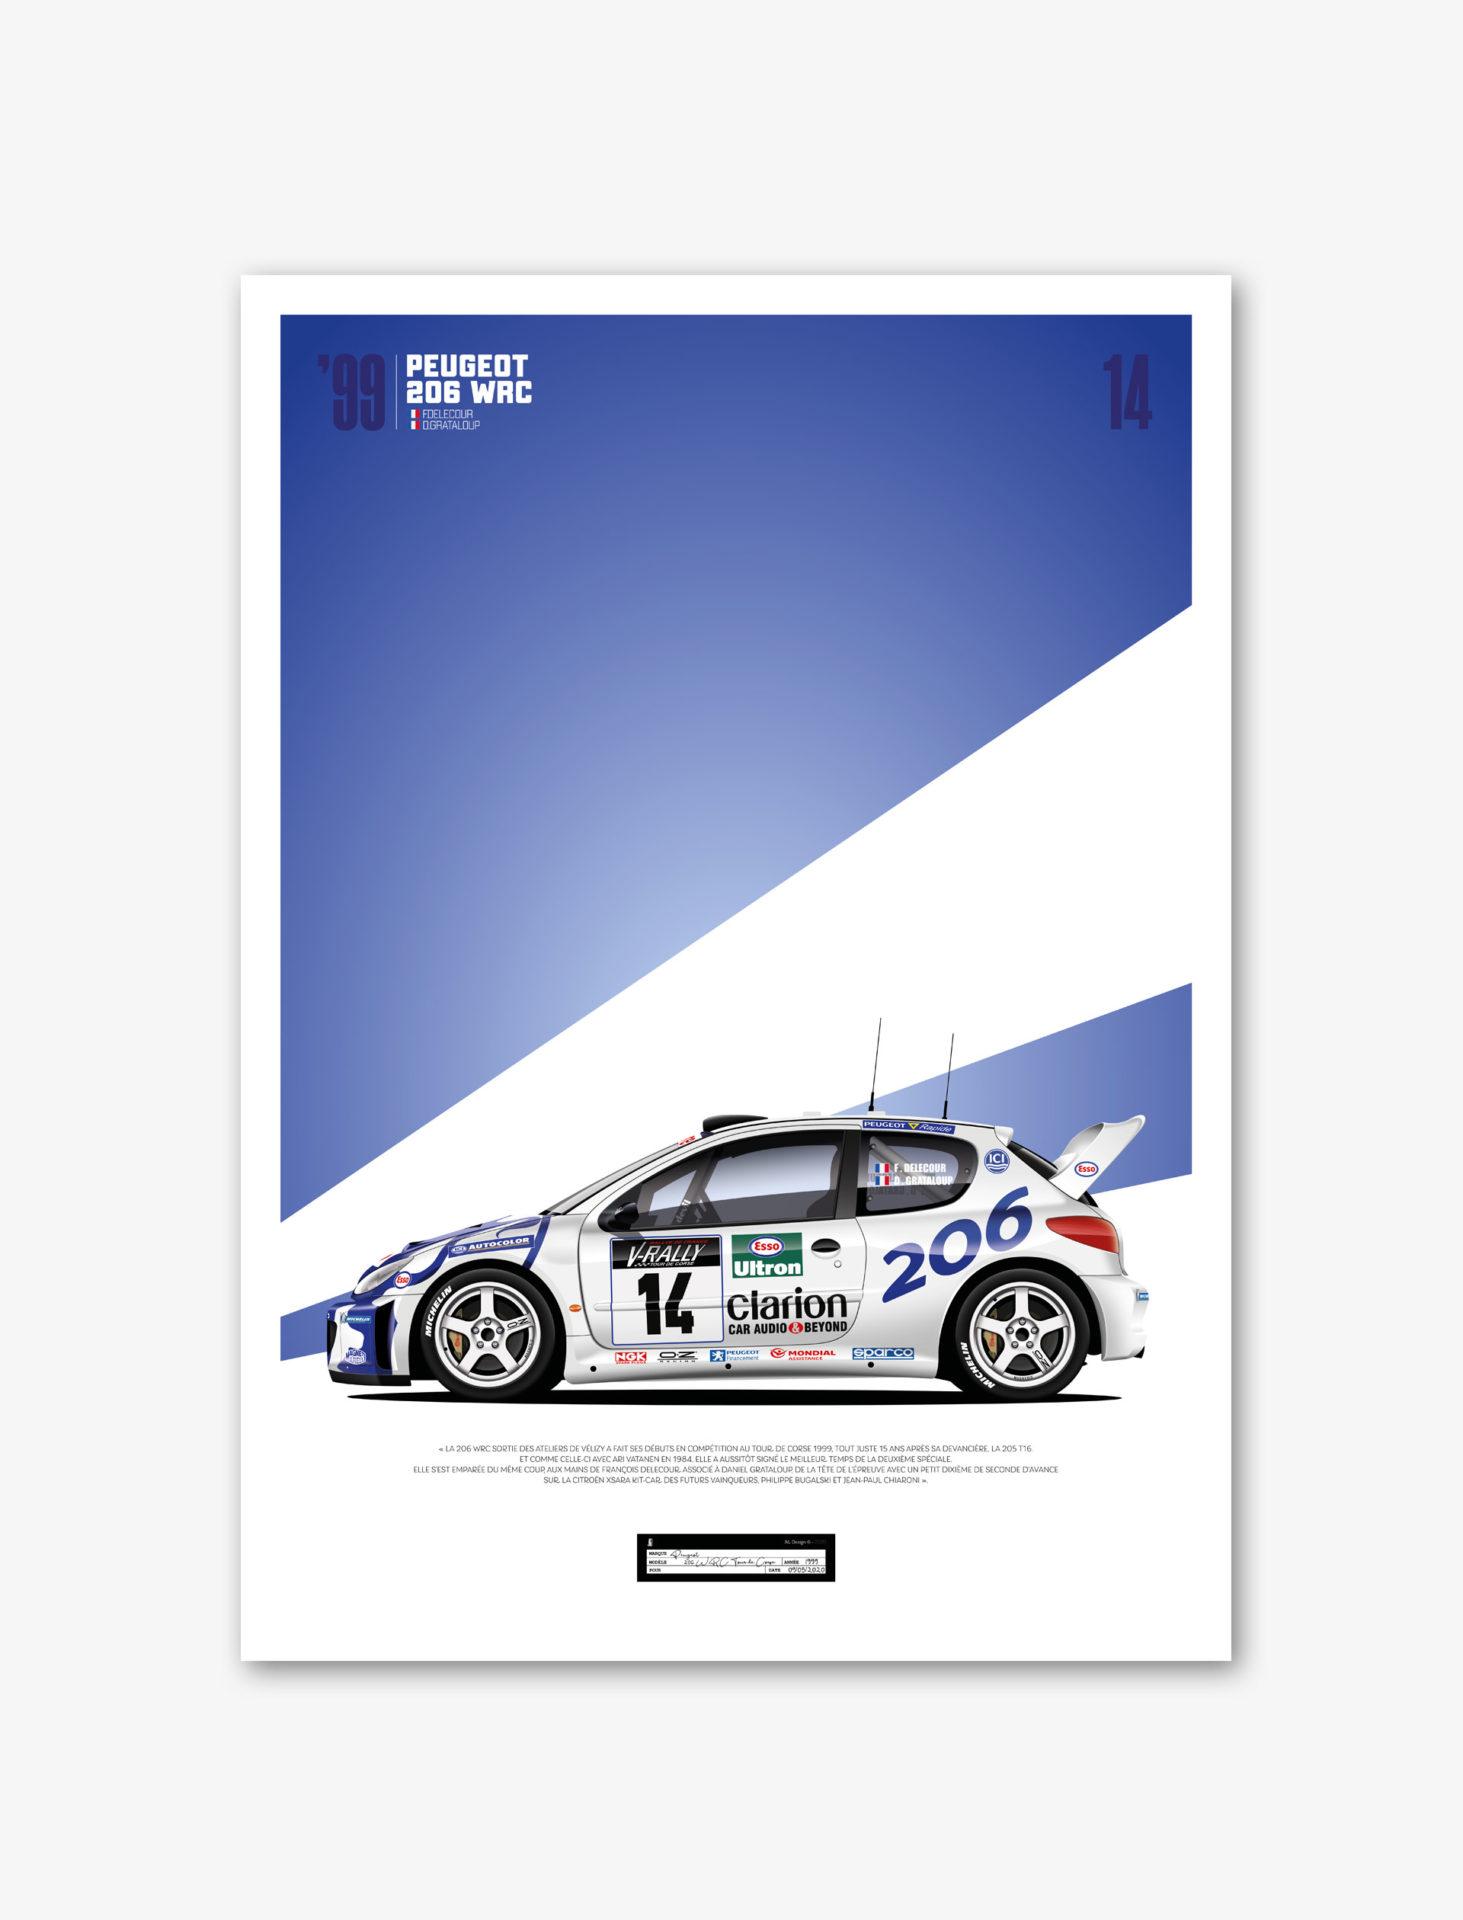 Jk Design - 206 WRC - 04